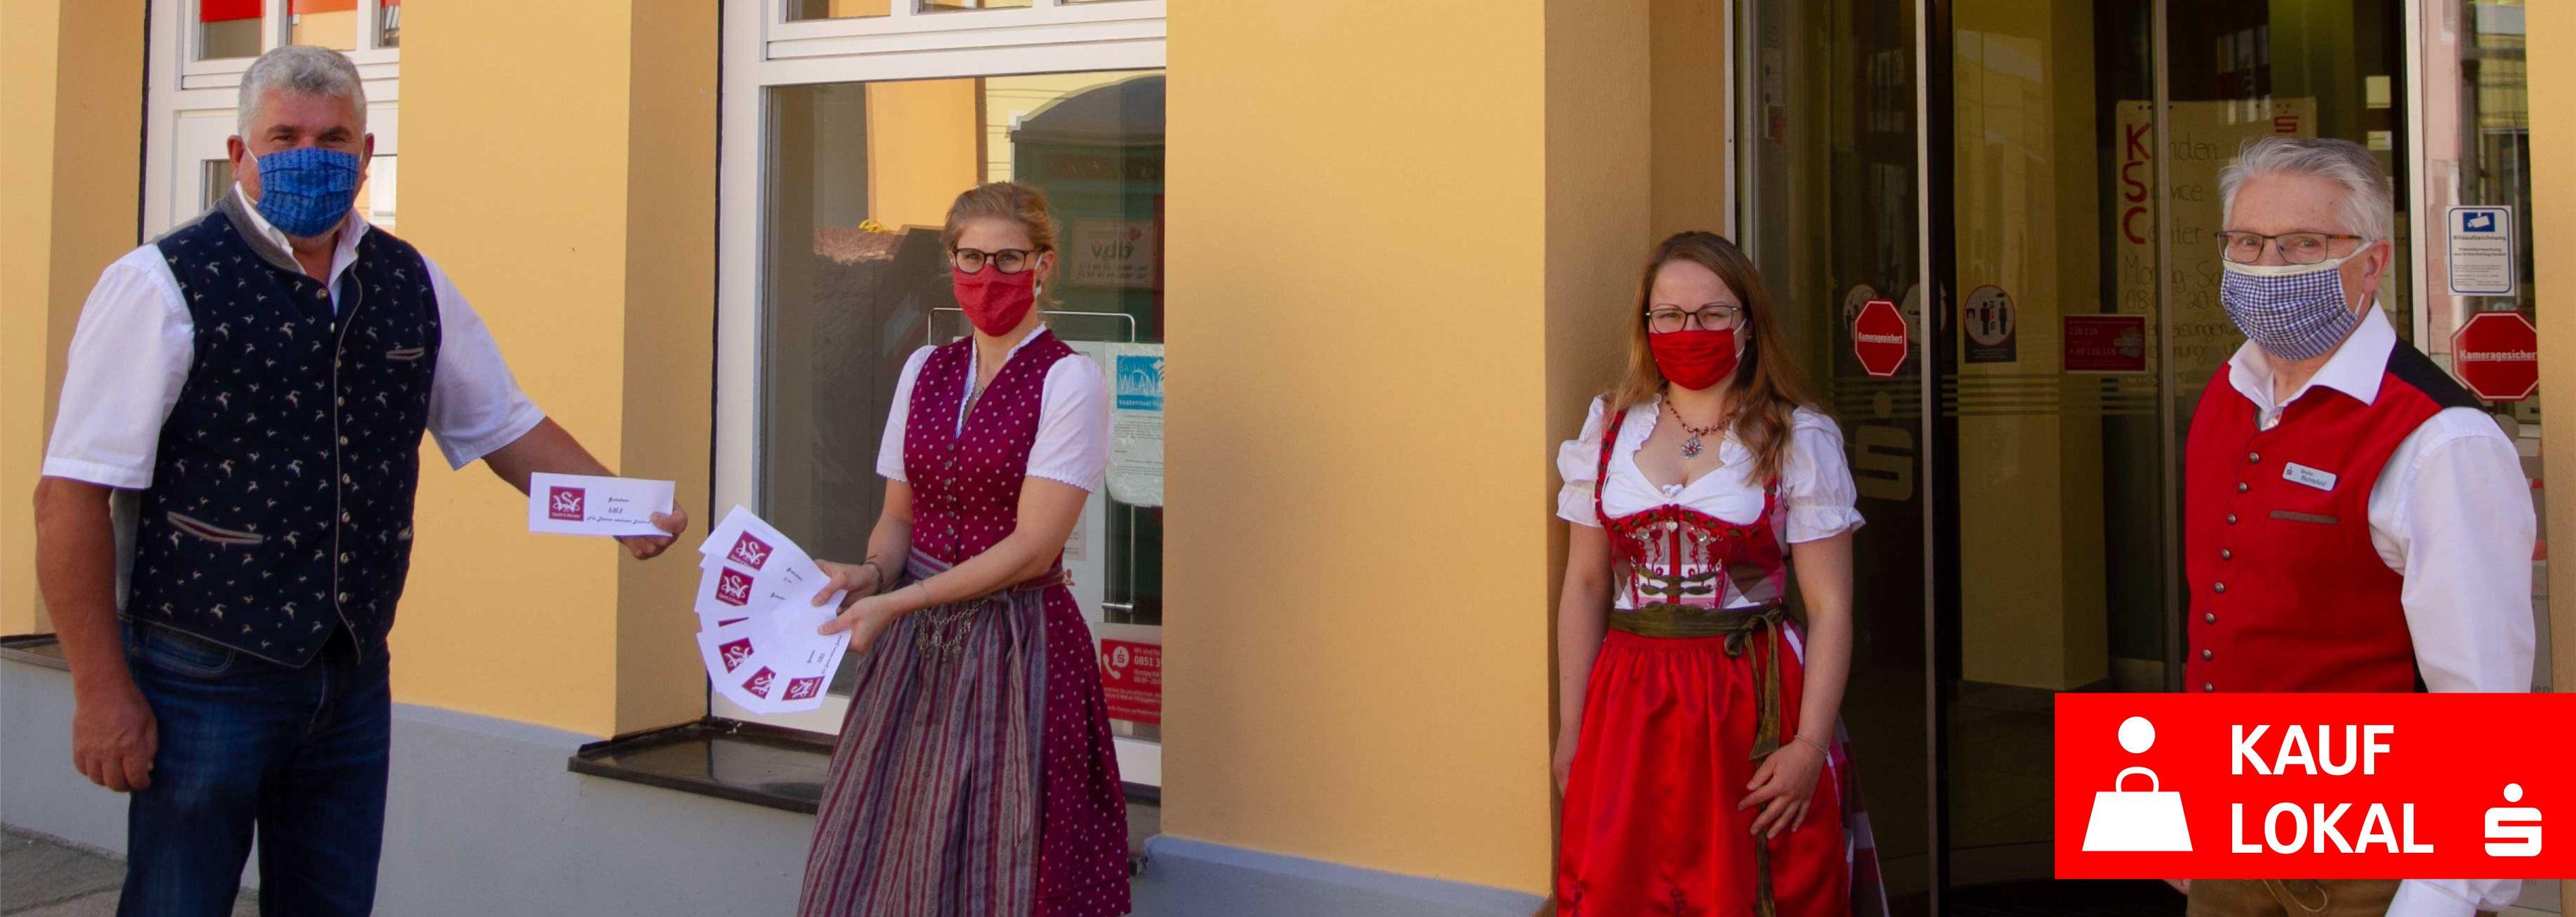 Sparkasse-Gutscheinübergabe-Spieht-Wensky_Kauf-lokal